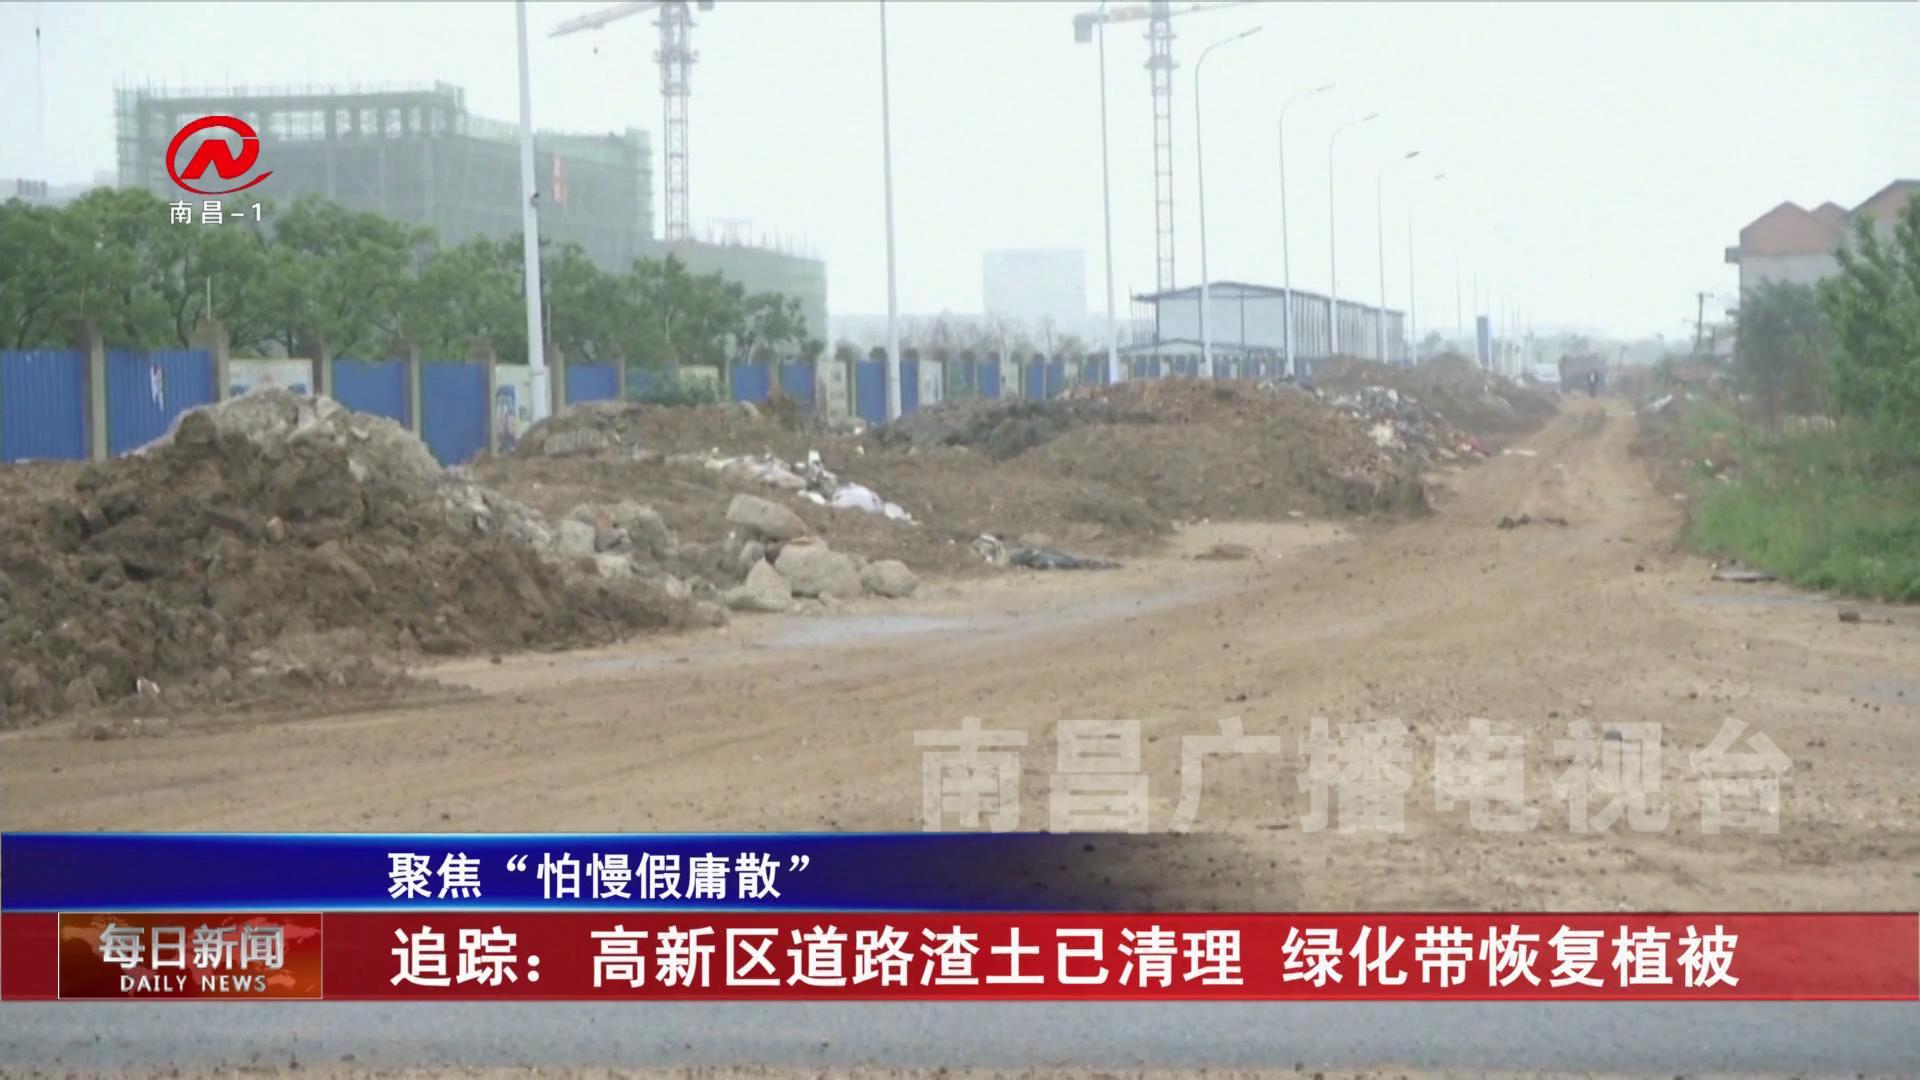 追踪:高新区道路渣土已清理 绿化带恢复植被